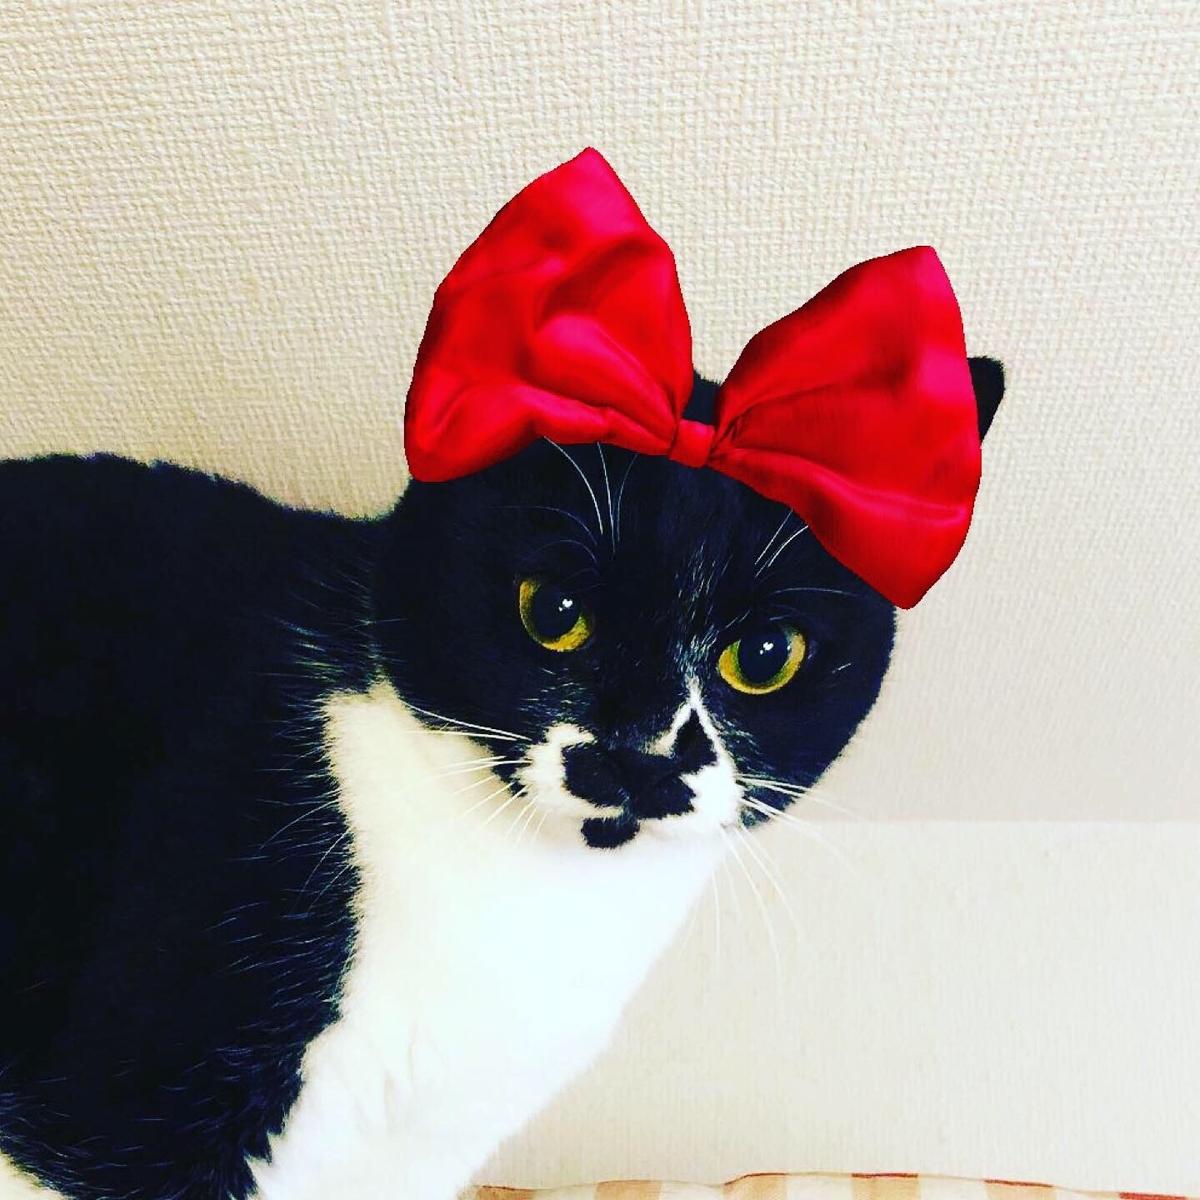 黒猫 赤いリボン